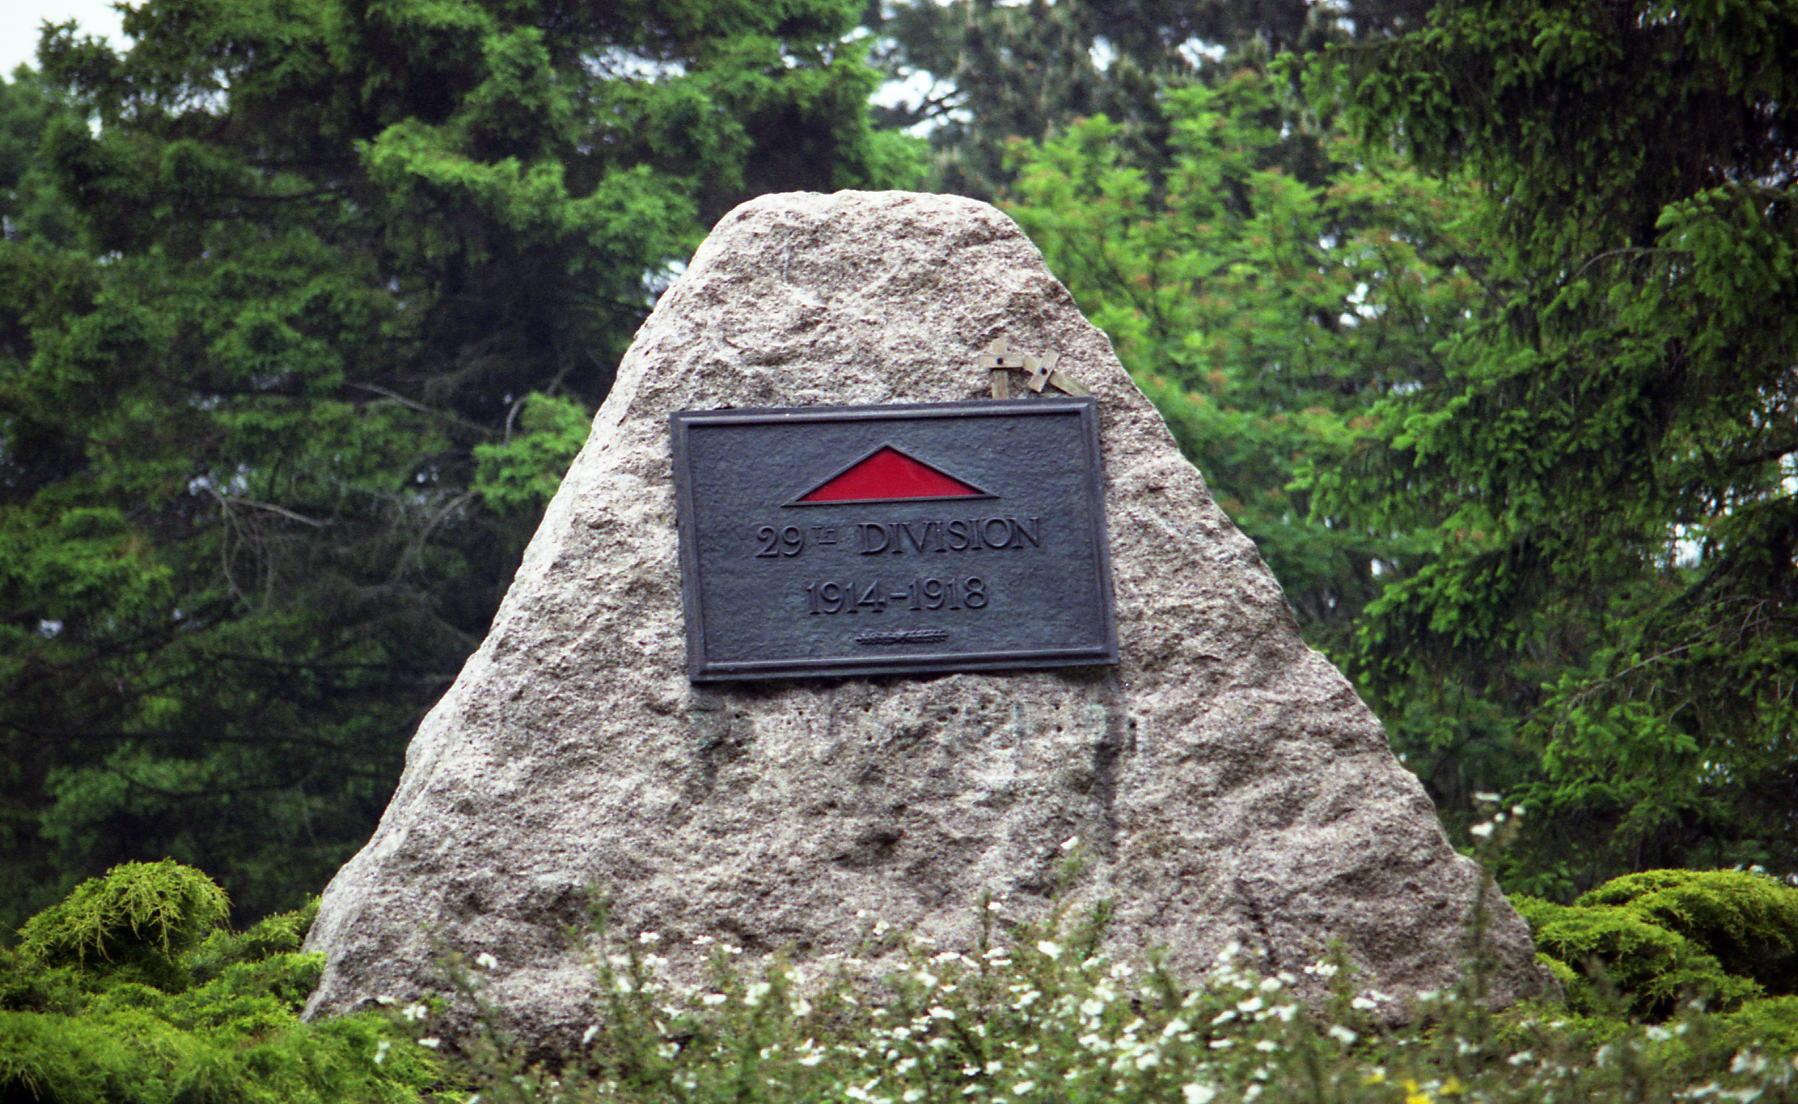 29th Division Memorial